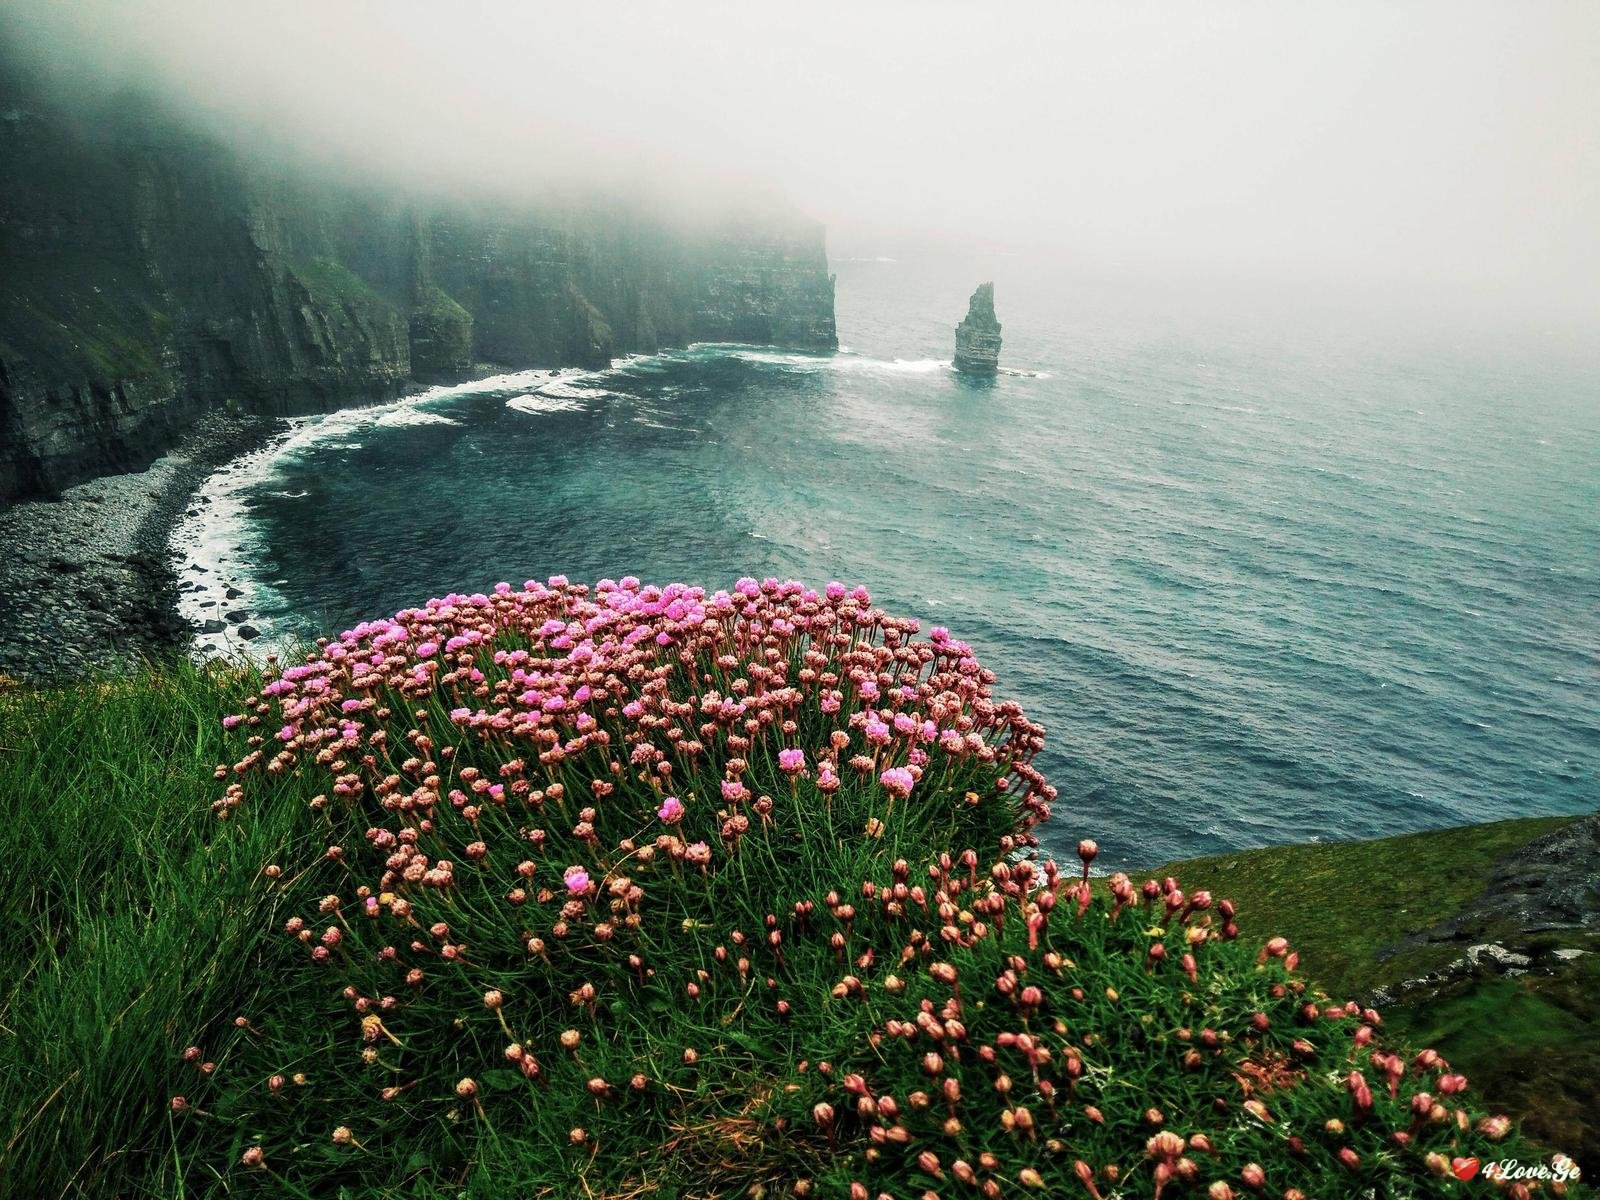 ღვთაება ირლანდიიდან (ნაწილი3)